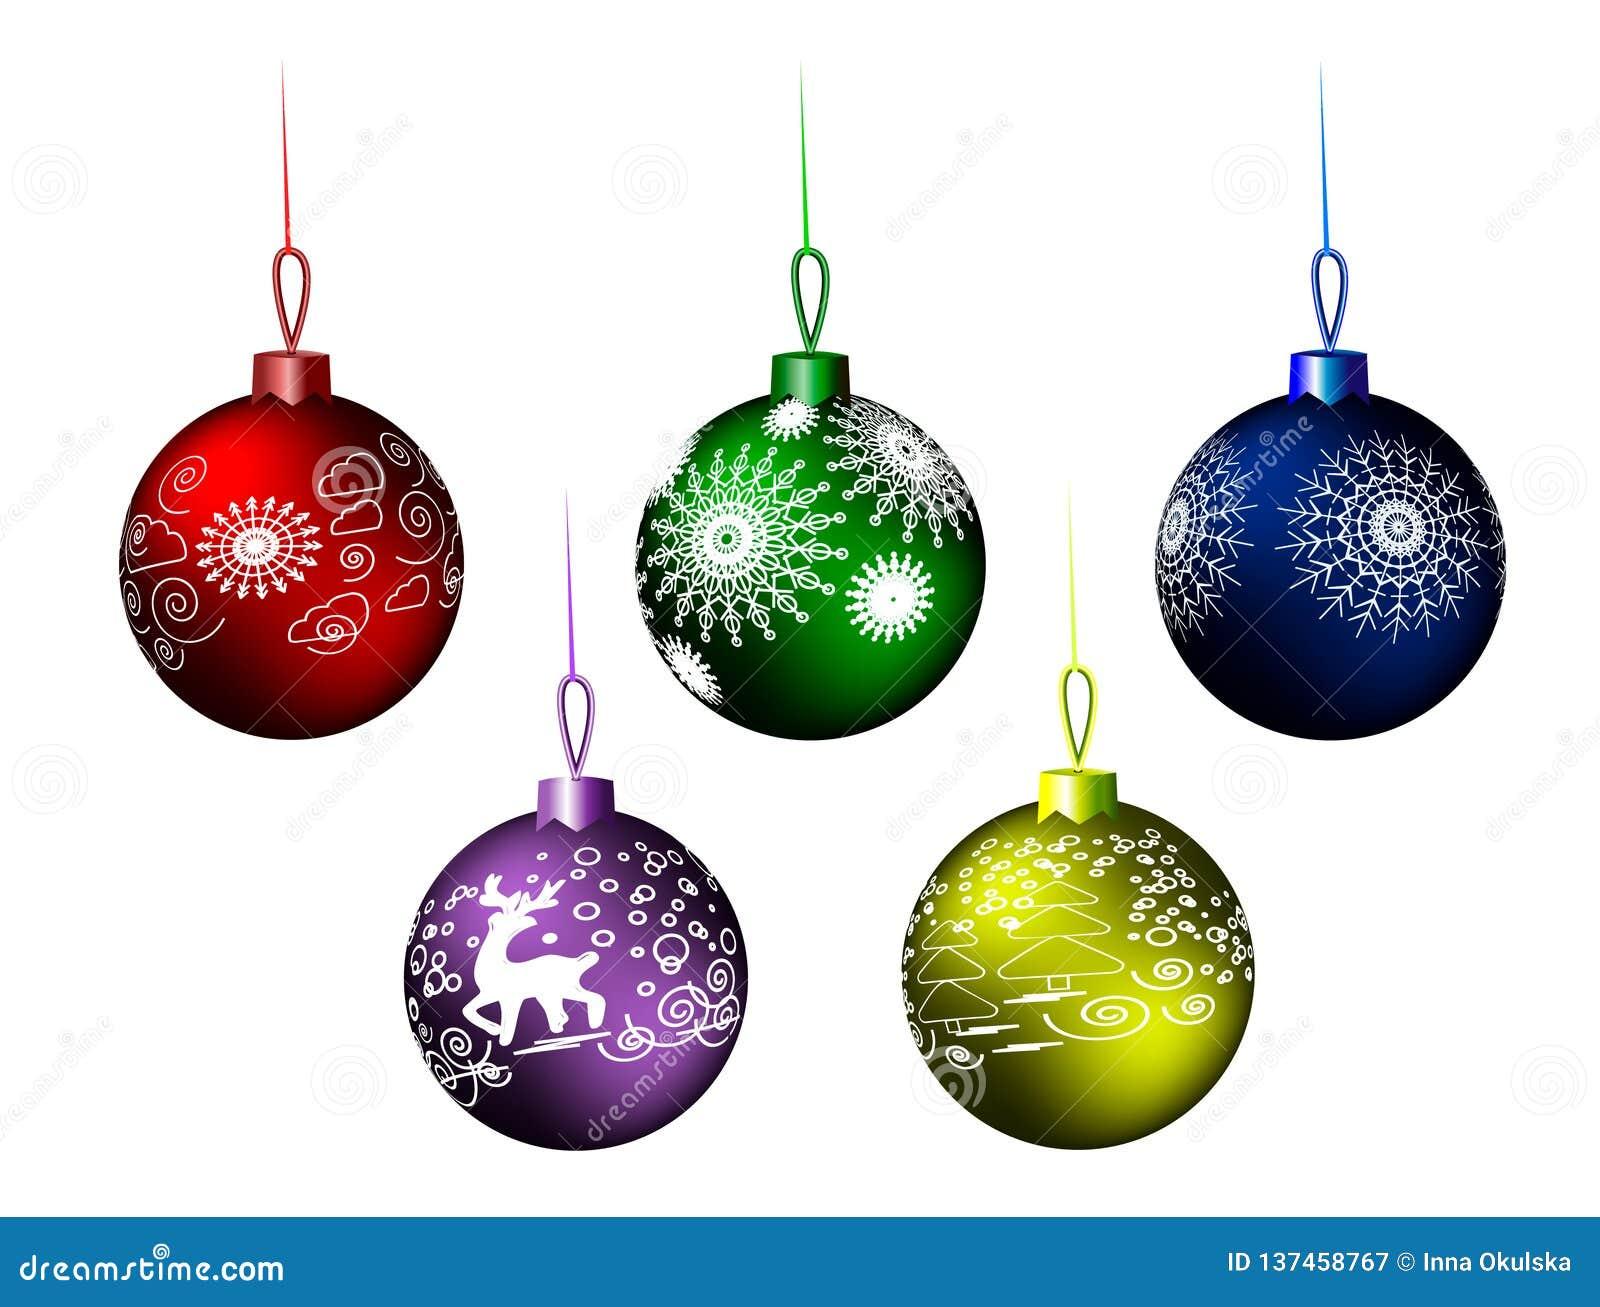 Шарики рождества; Предпосылка; рождество, сфера, новая, зима, лоснистый, вися, иллюстрация, красный цвет, Новые Годы кануна, мета